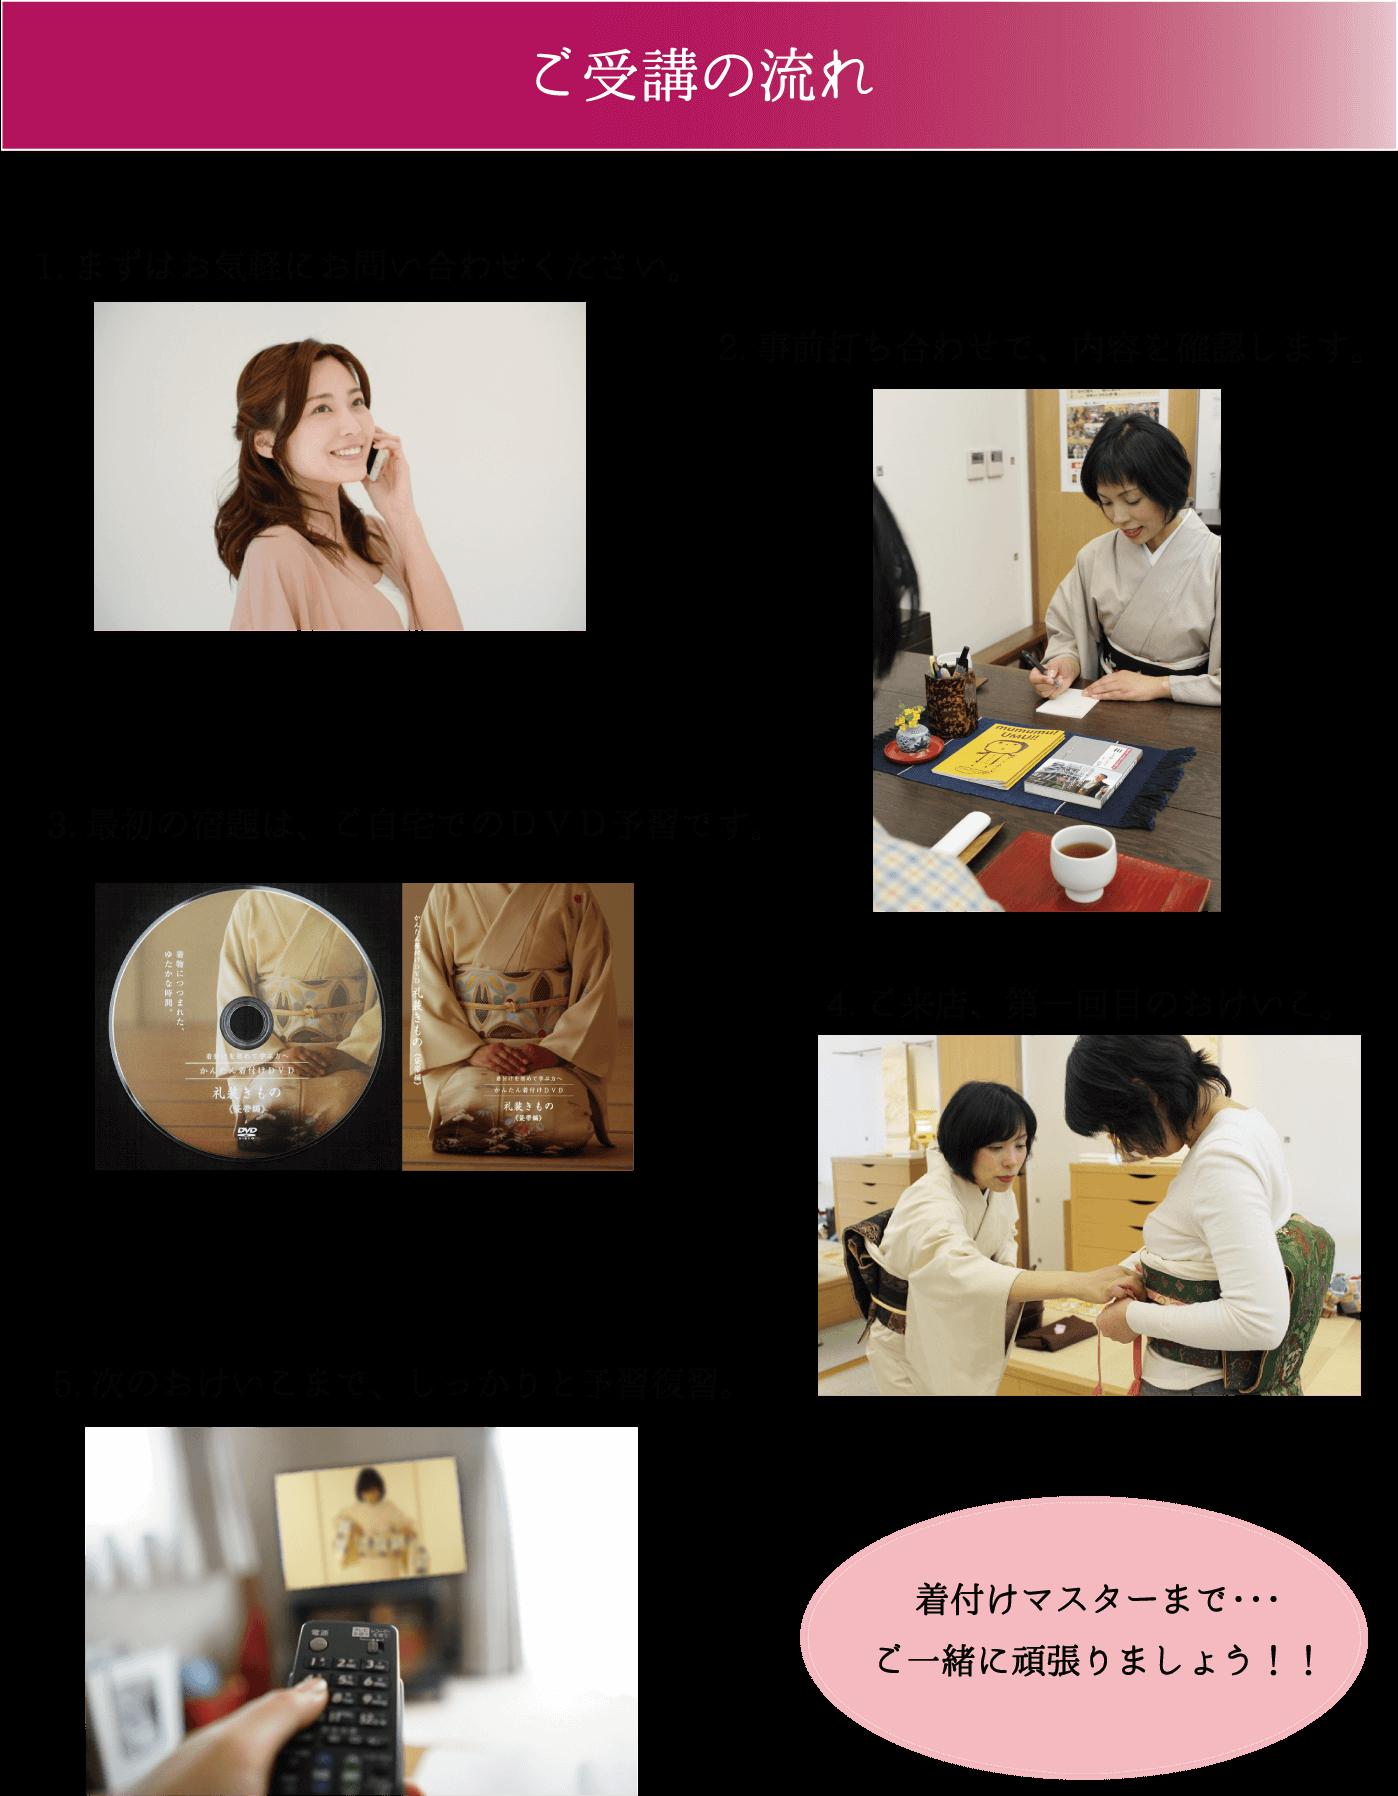 ご受講の流れ ご自宅での復習も大事です 前結び着付け教室 熊本市中央区 着物専門店 わのくに